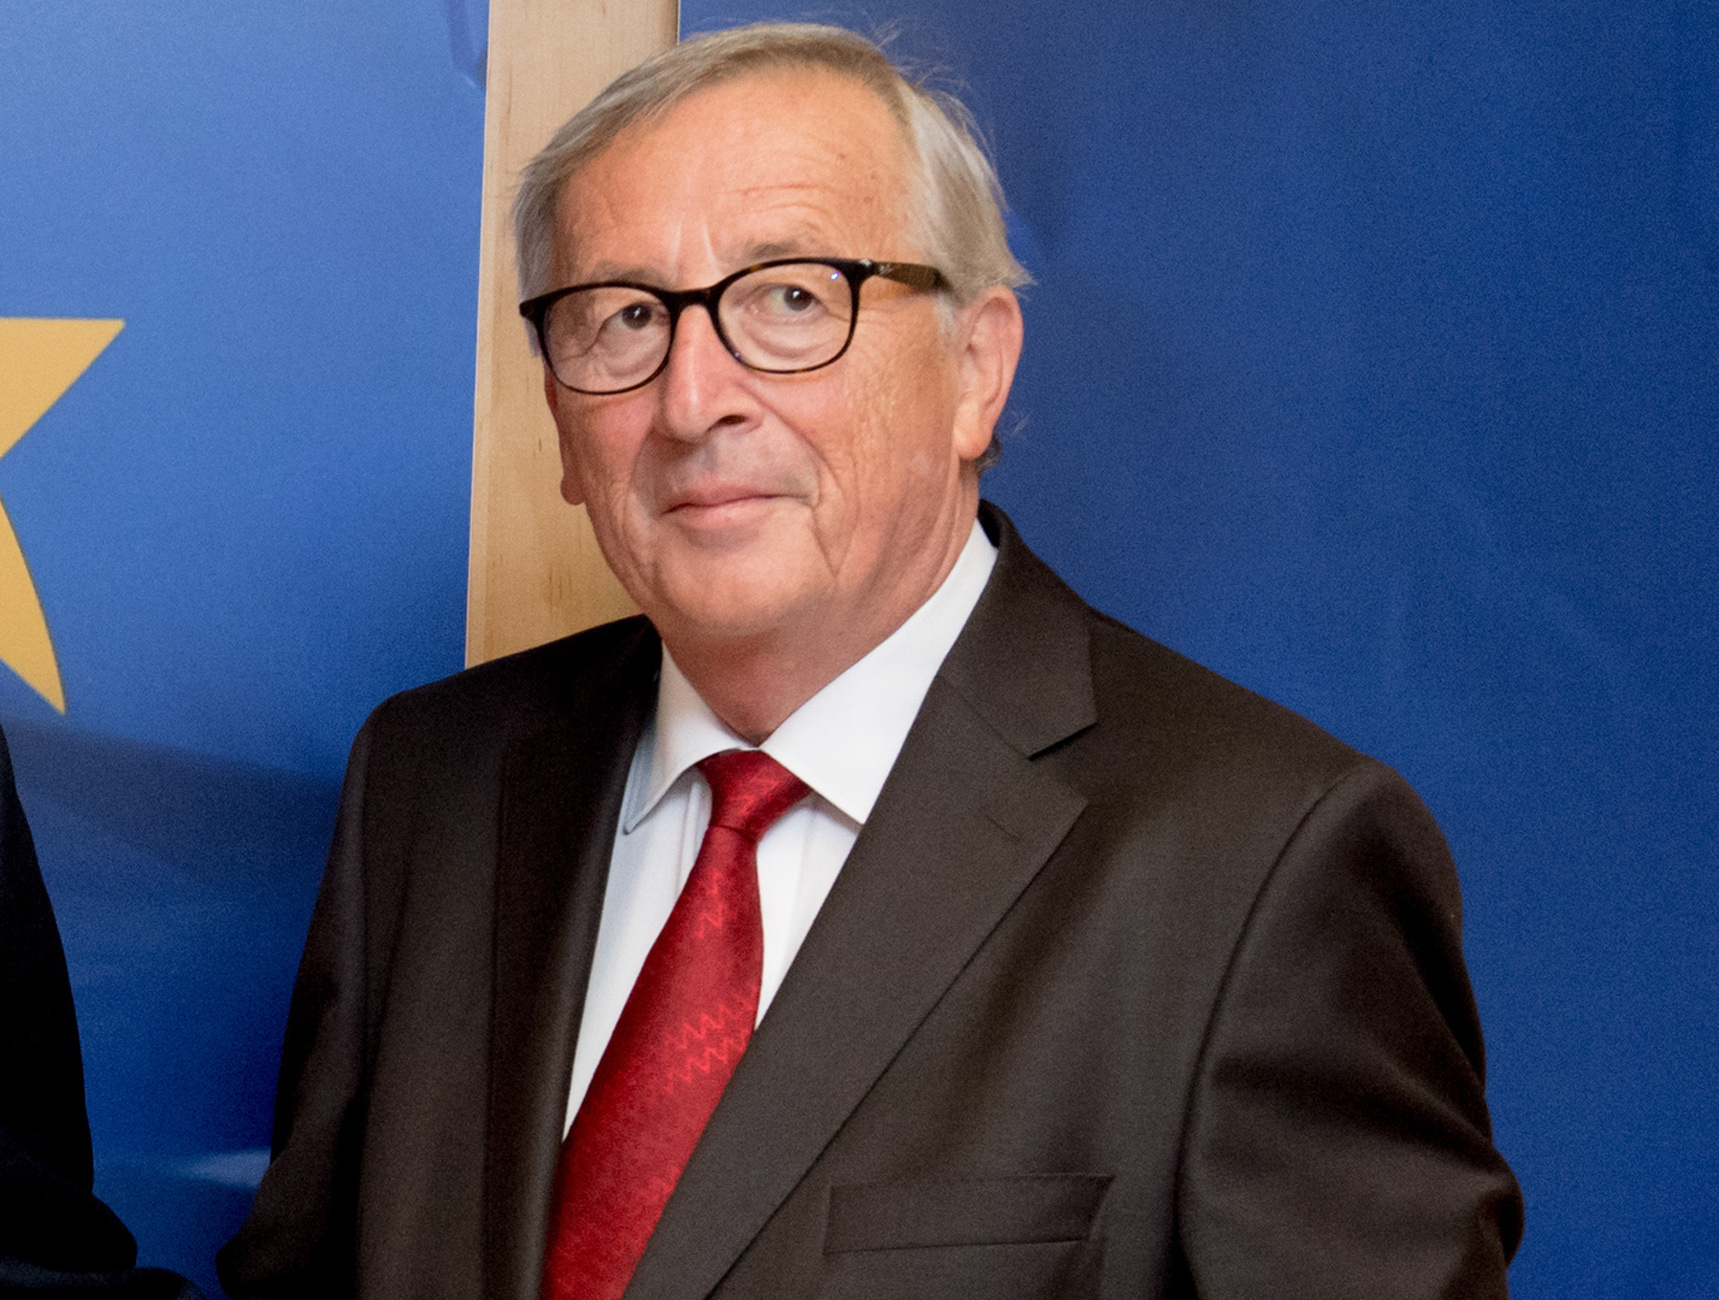 Απολαυστικός Γιούνκερ: Νομίζω πως ο Τραμπ δεν κατάλαβε ποτέ τι είναι η ΕΕ